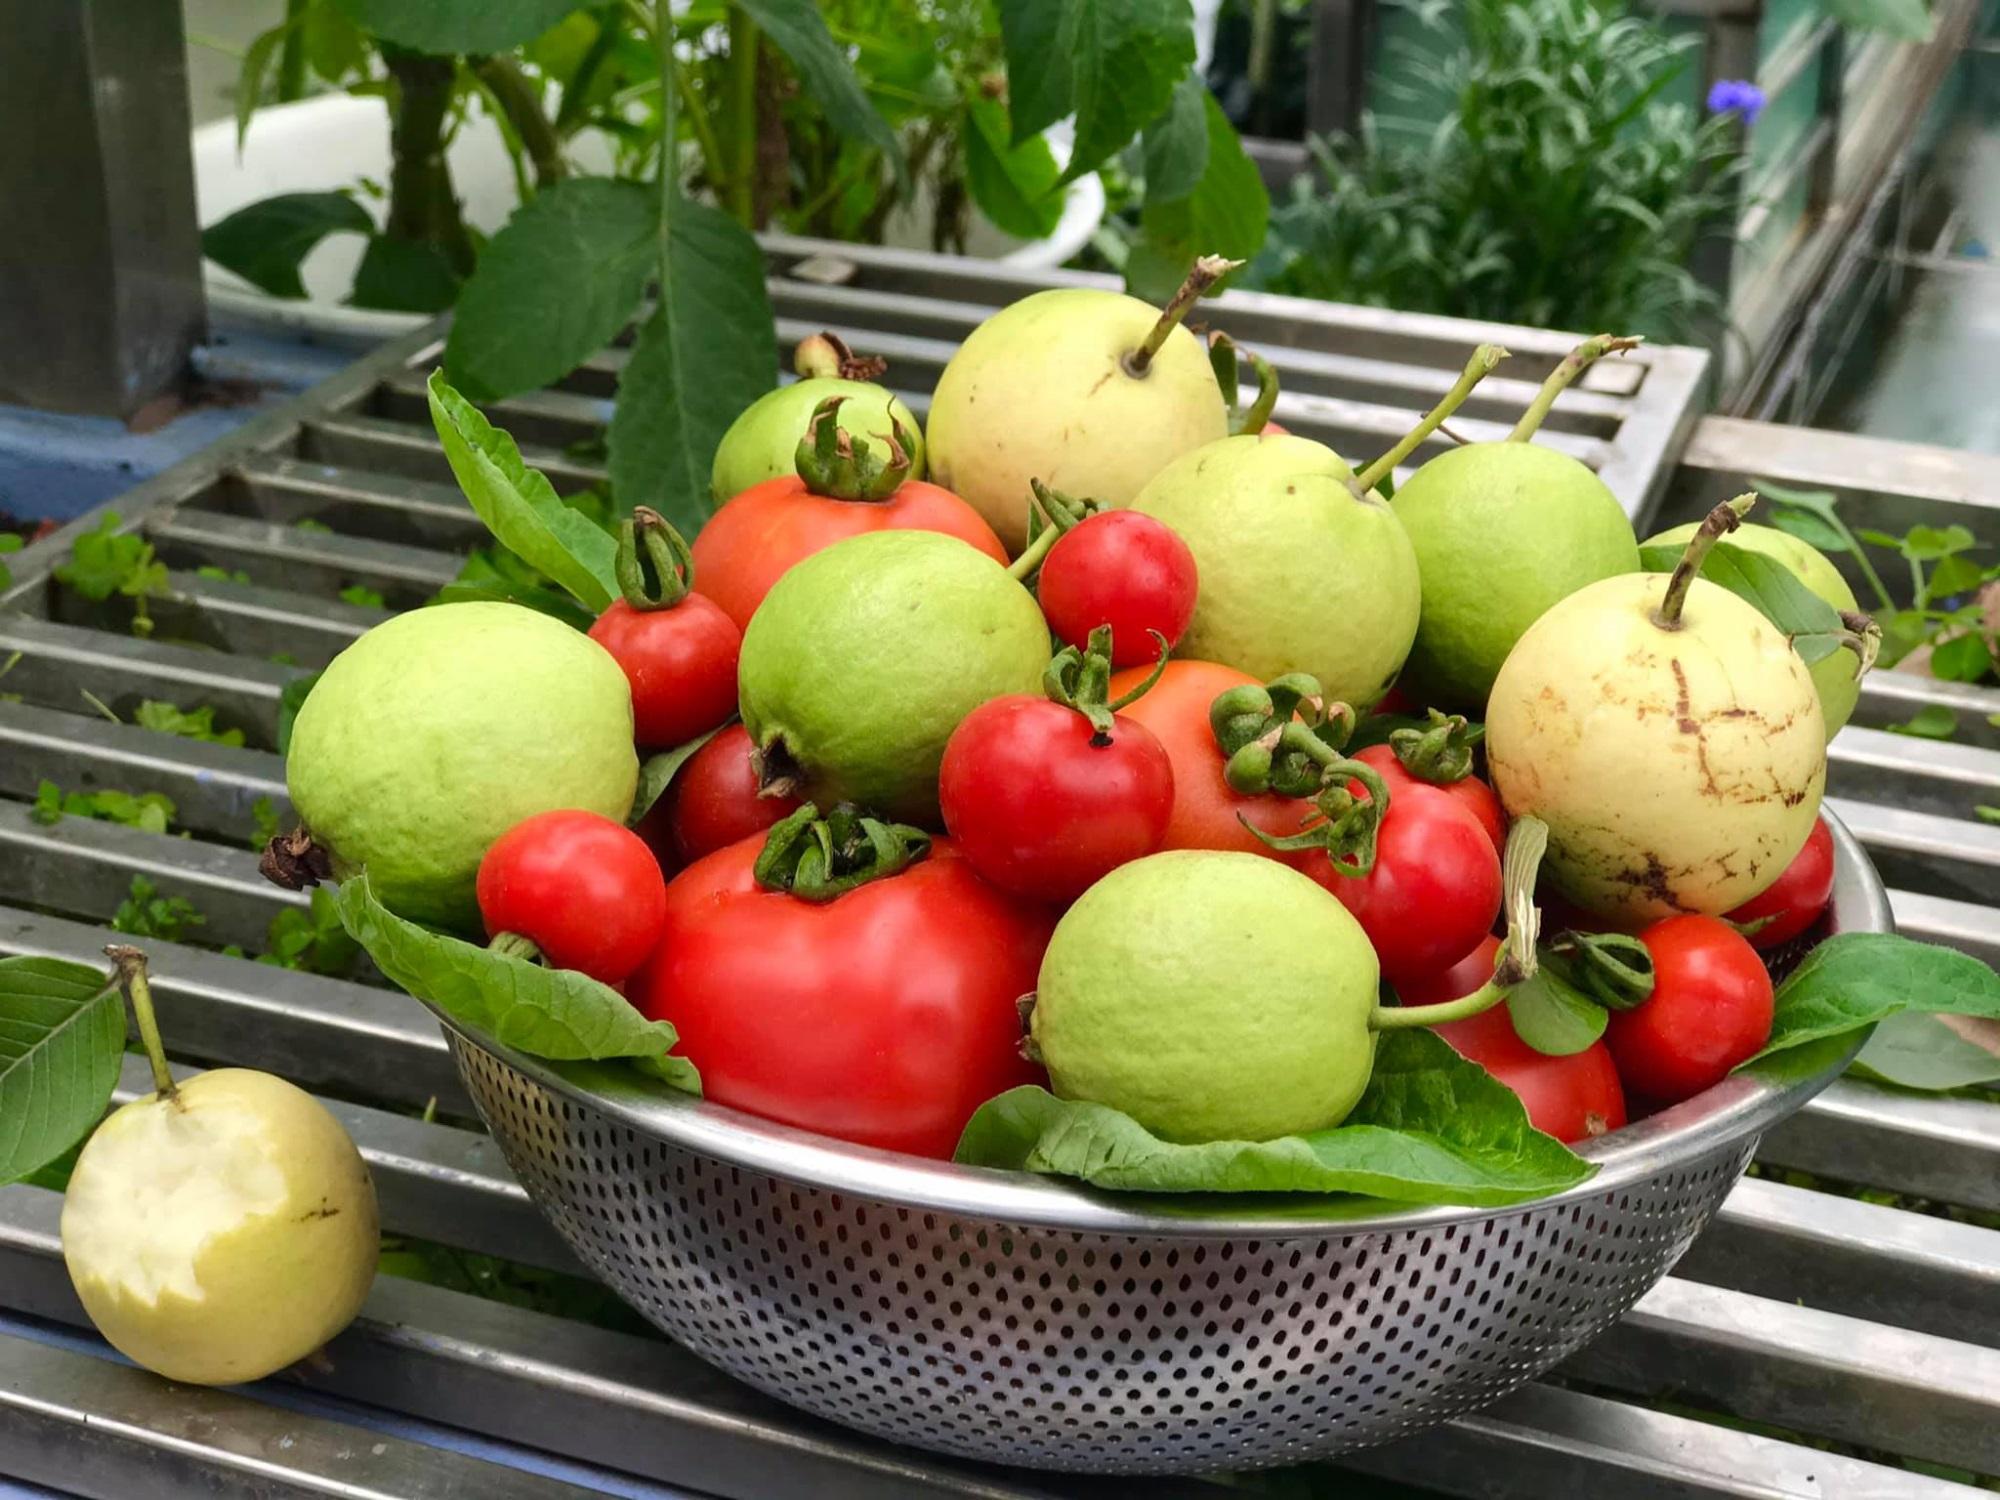 Mẹ đảm 'mách nước' cách thiết kế và trồng rau trên sân thượng cực dễ, rau trái có ăn quanh năm - Ảnh 10